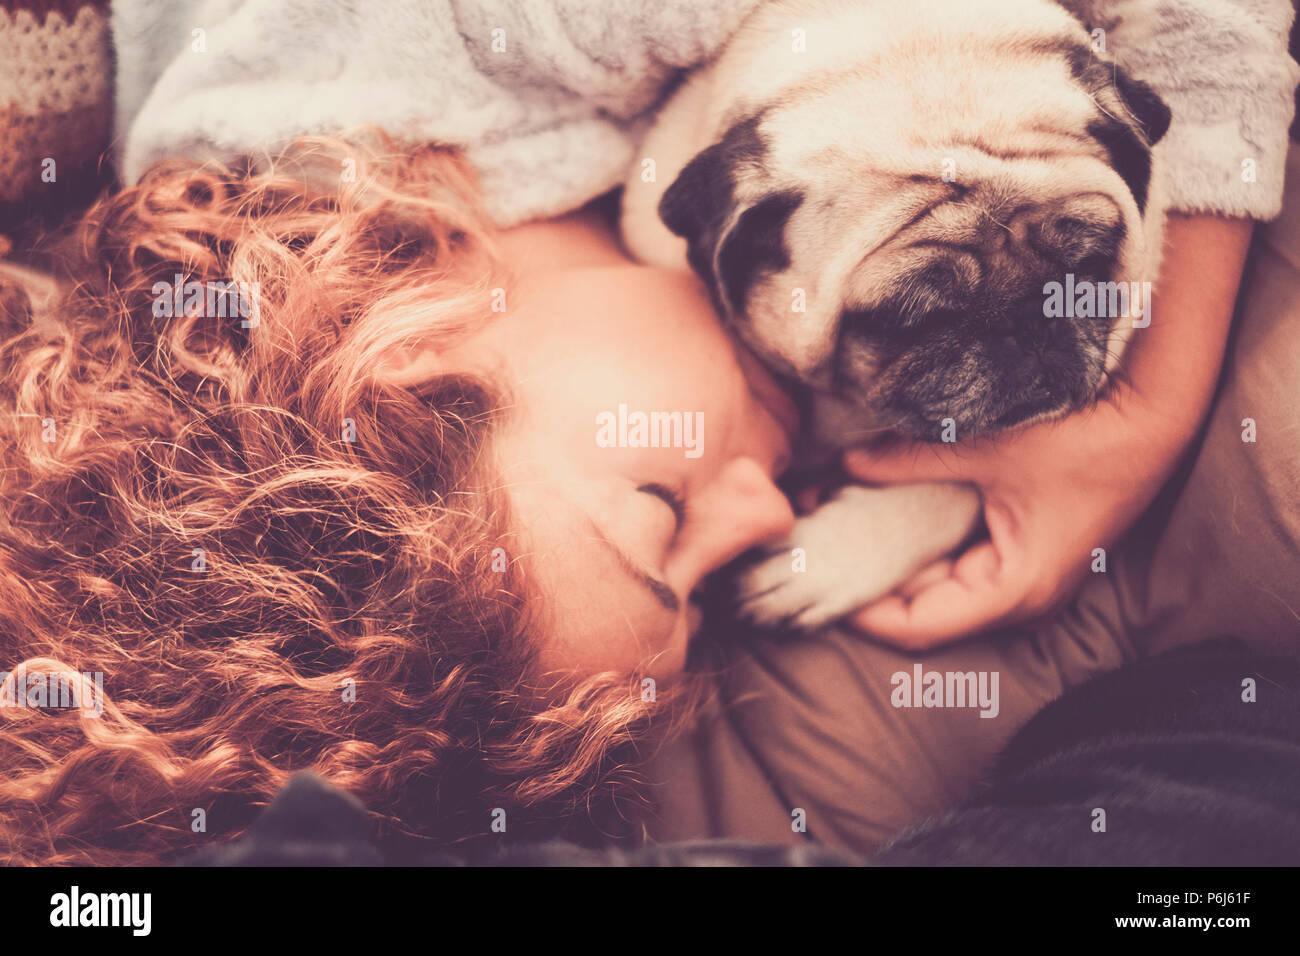 Echte wahre Liebe zwischen mittleren Alter schöne Frau kaukasischen Schlaf- und schützen, Ihre besten Freunde hund Mops. Freundschaft und Beziehung zu Hause in der Stockbild